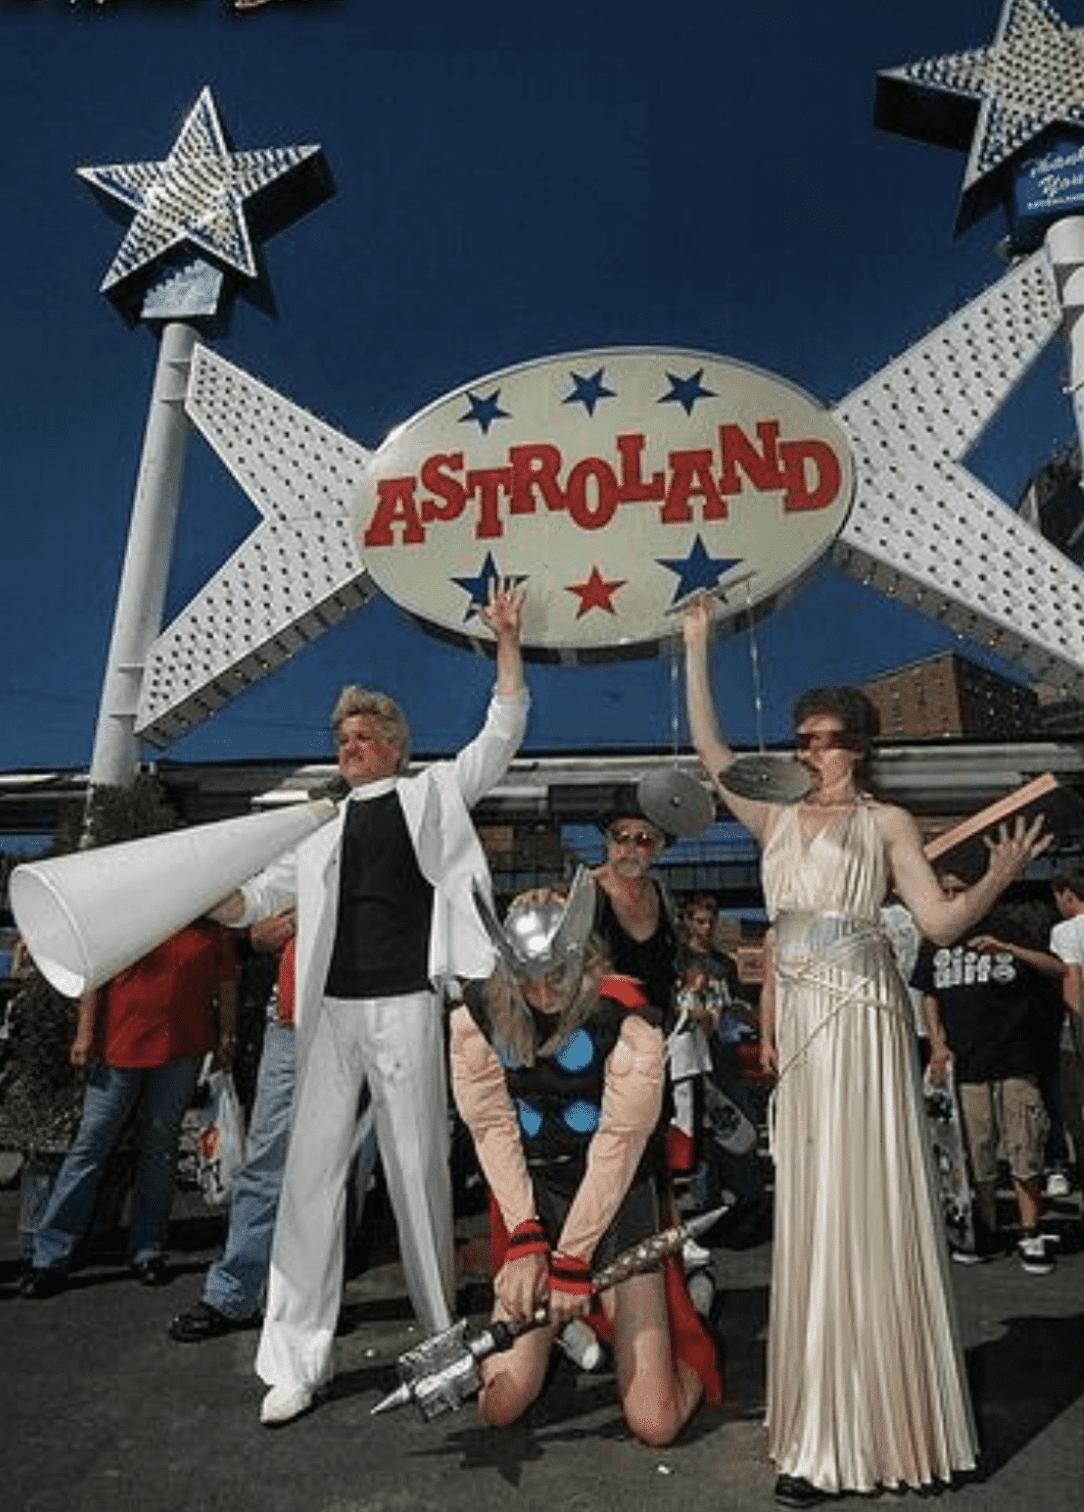 RevBilly at Astroland